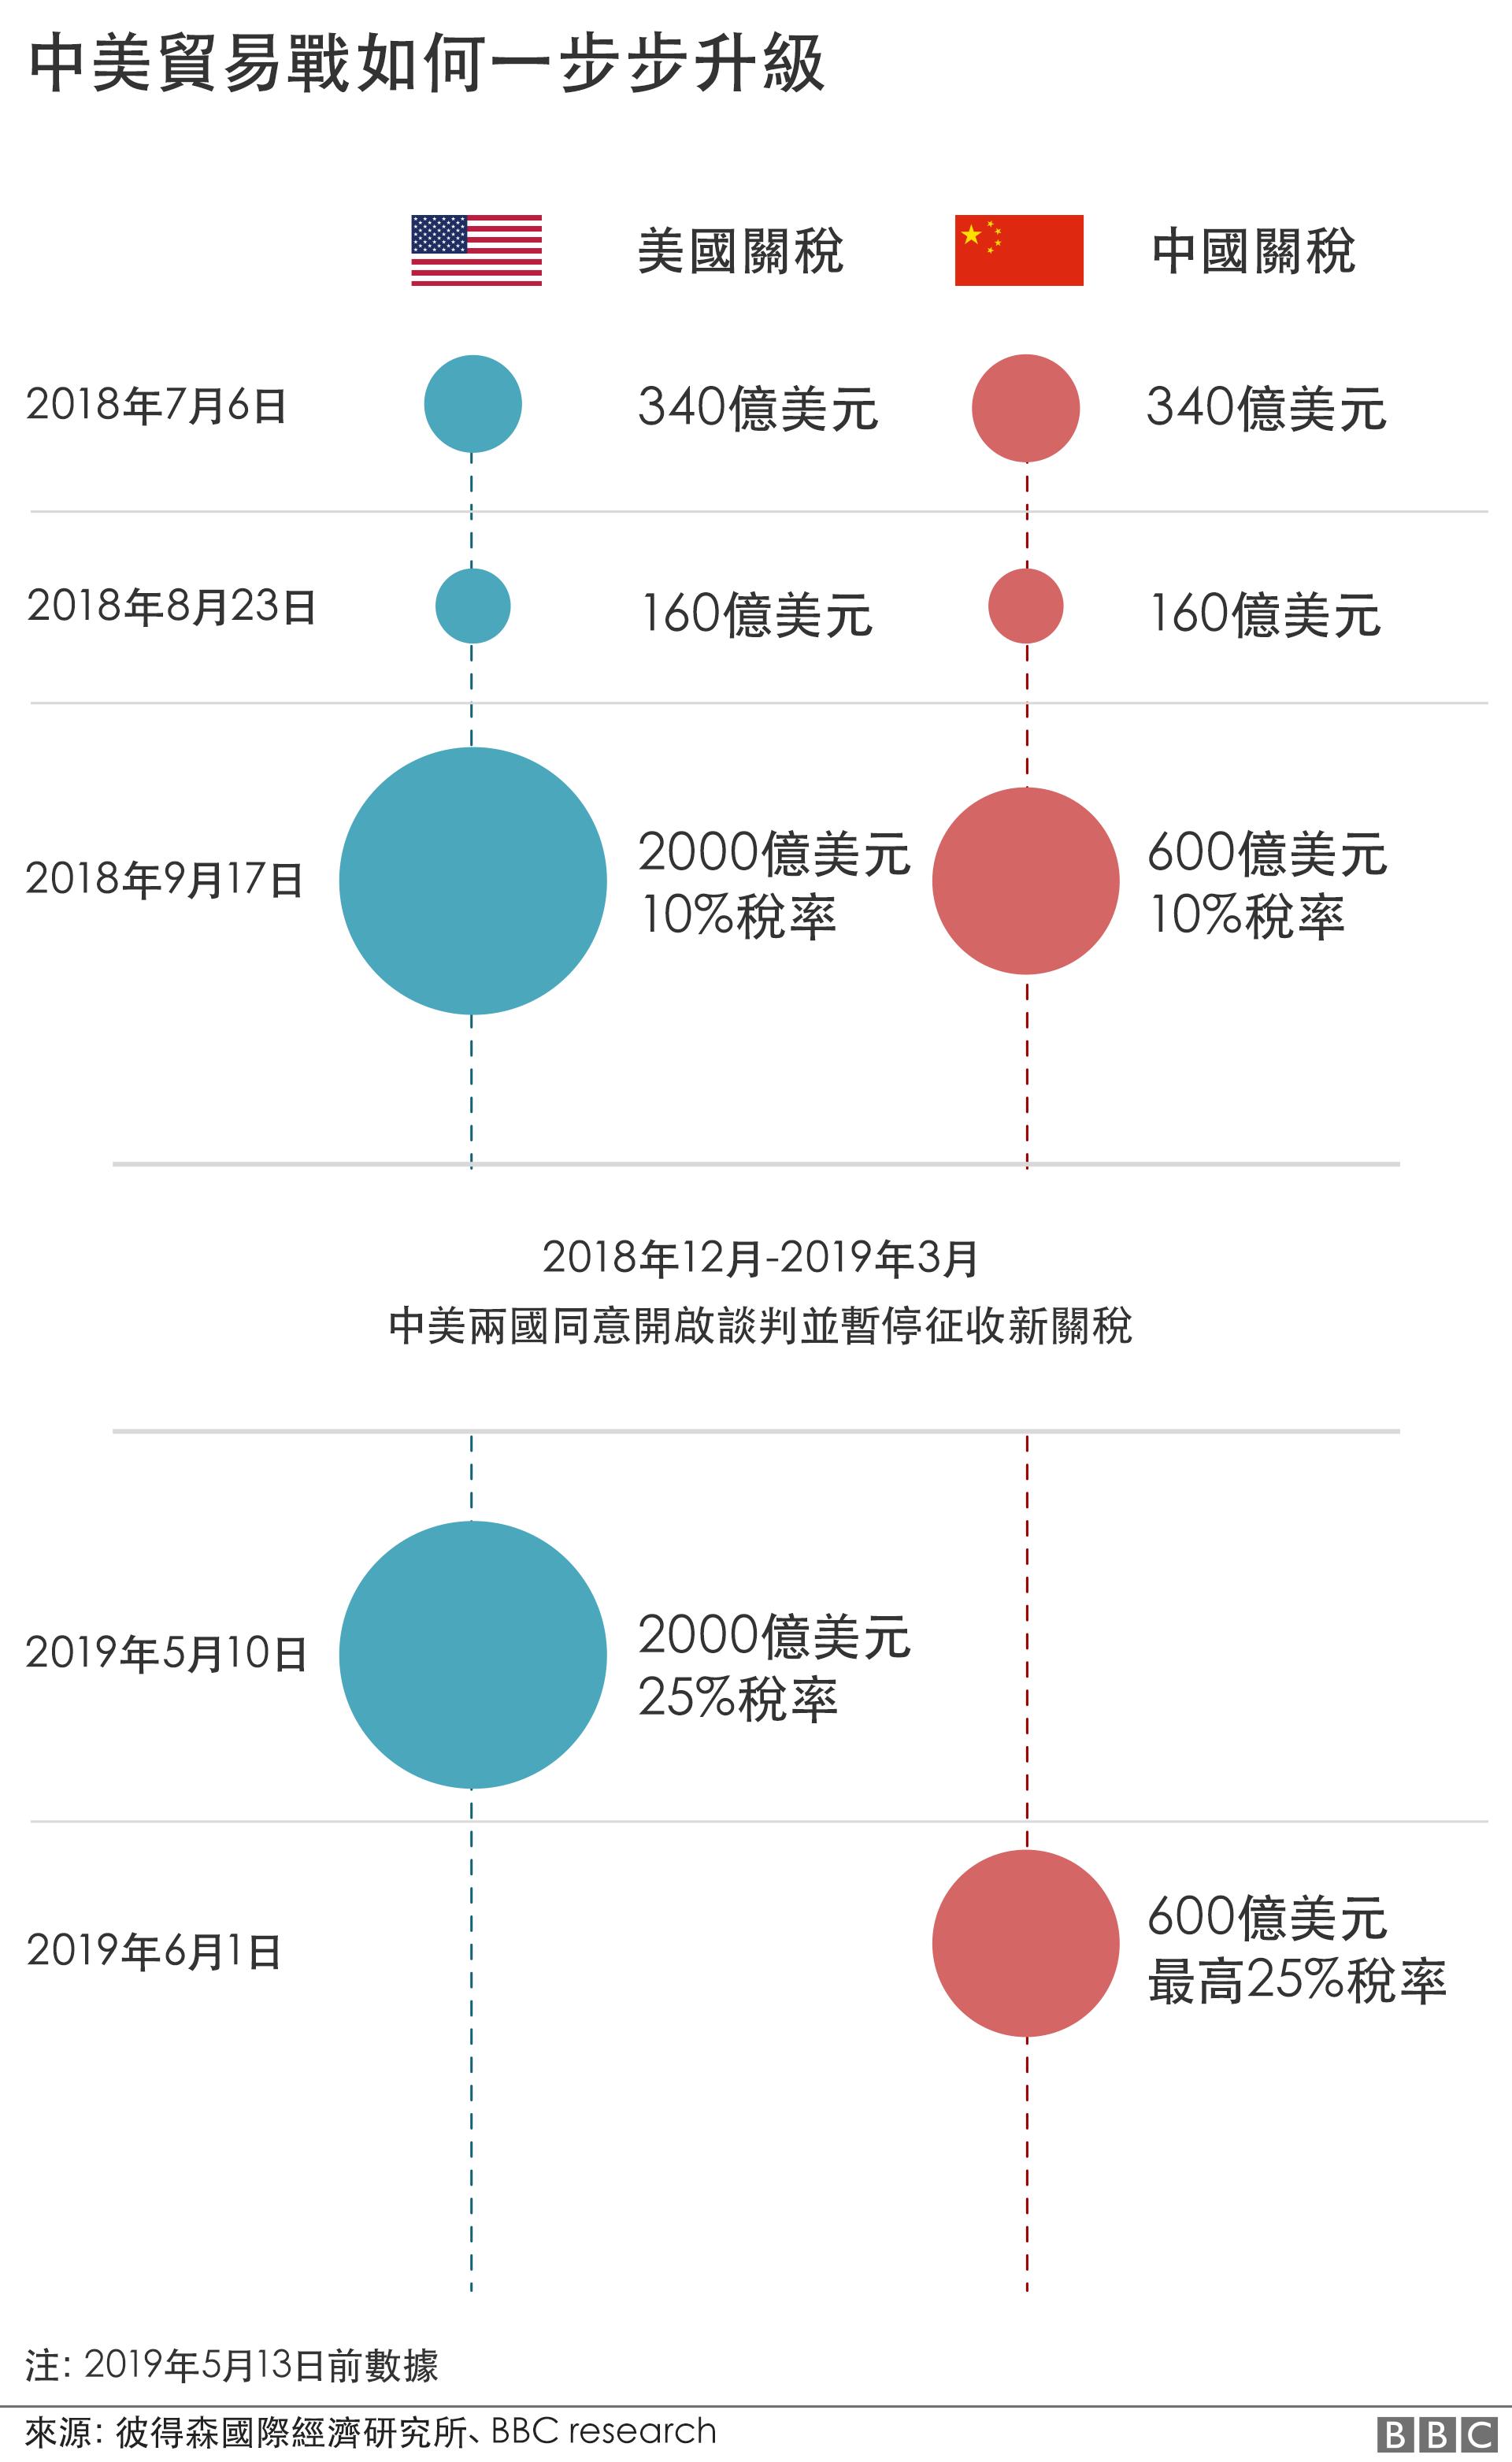 中美贸易战时间表